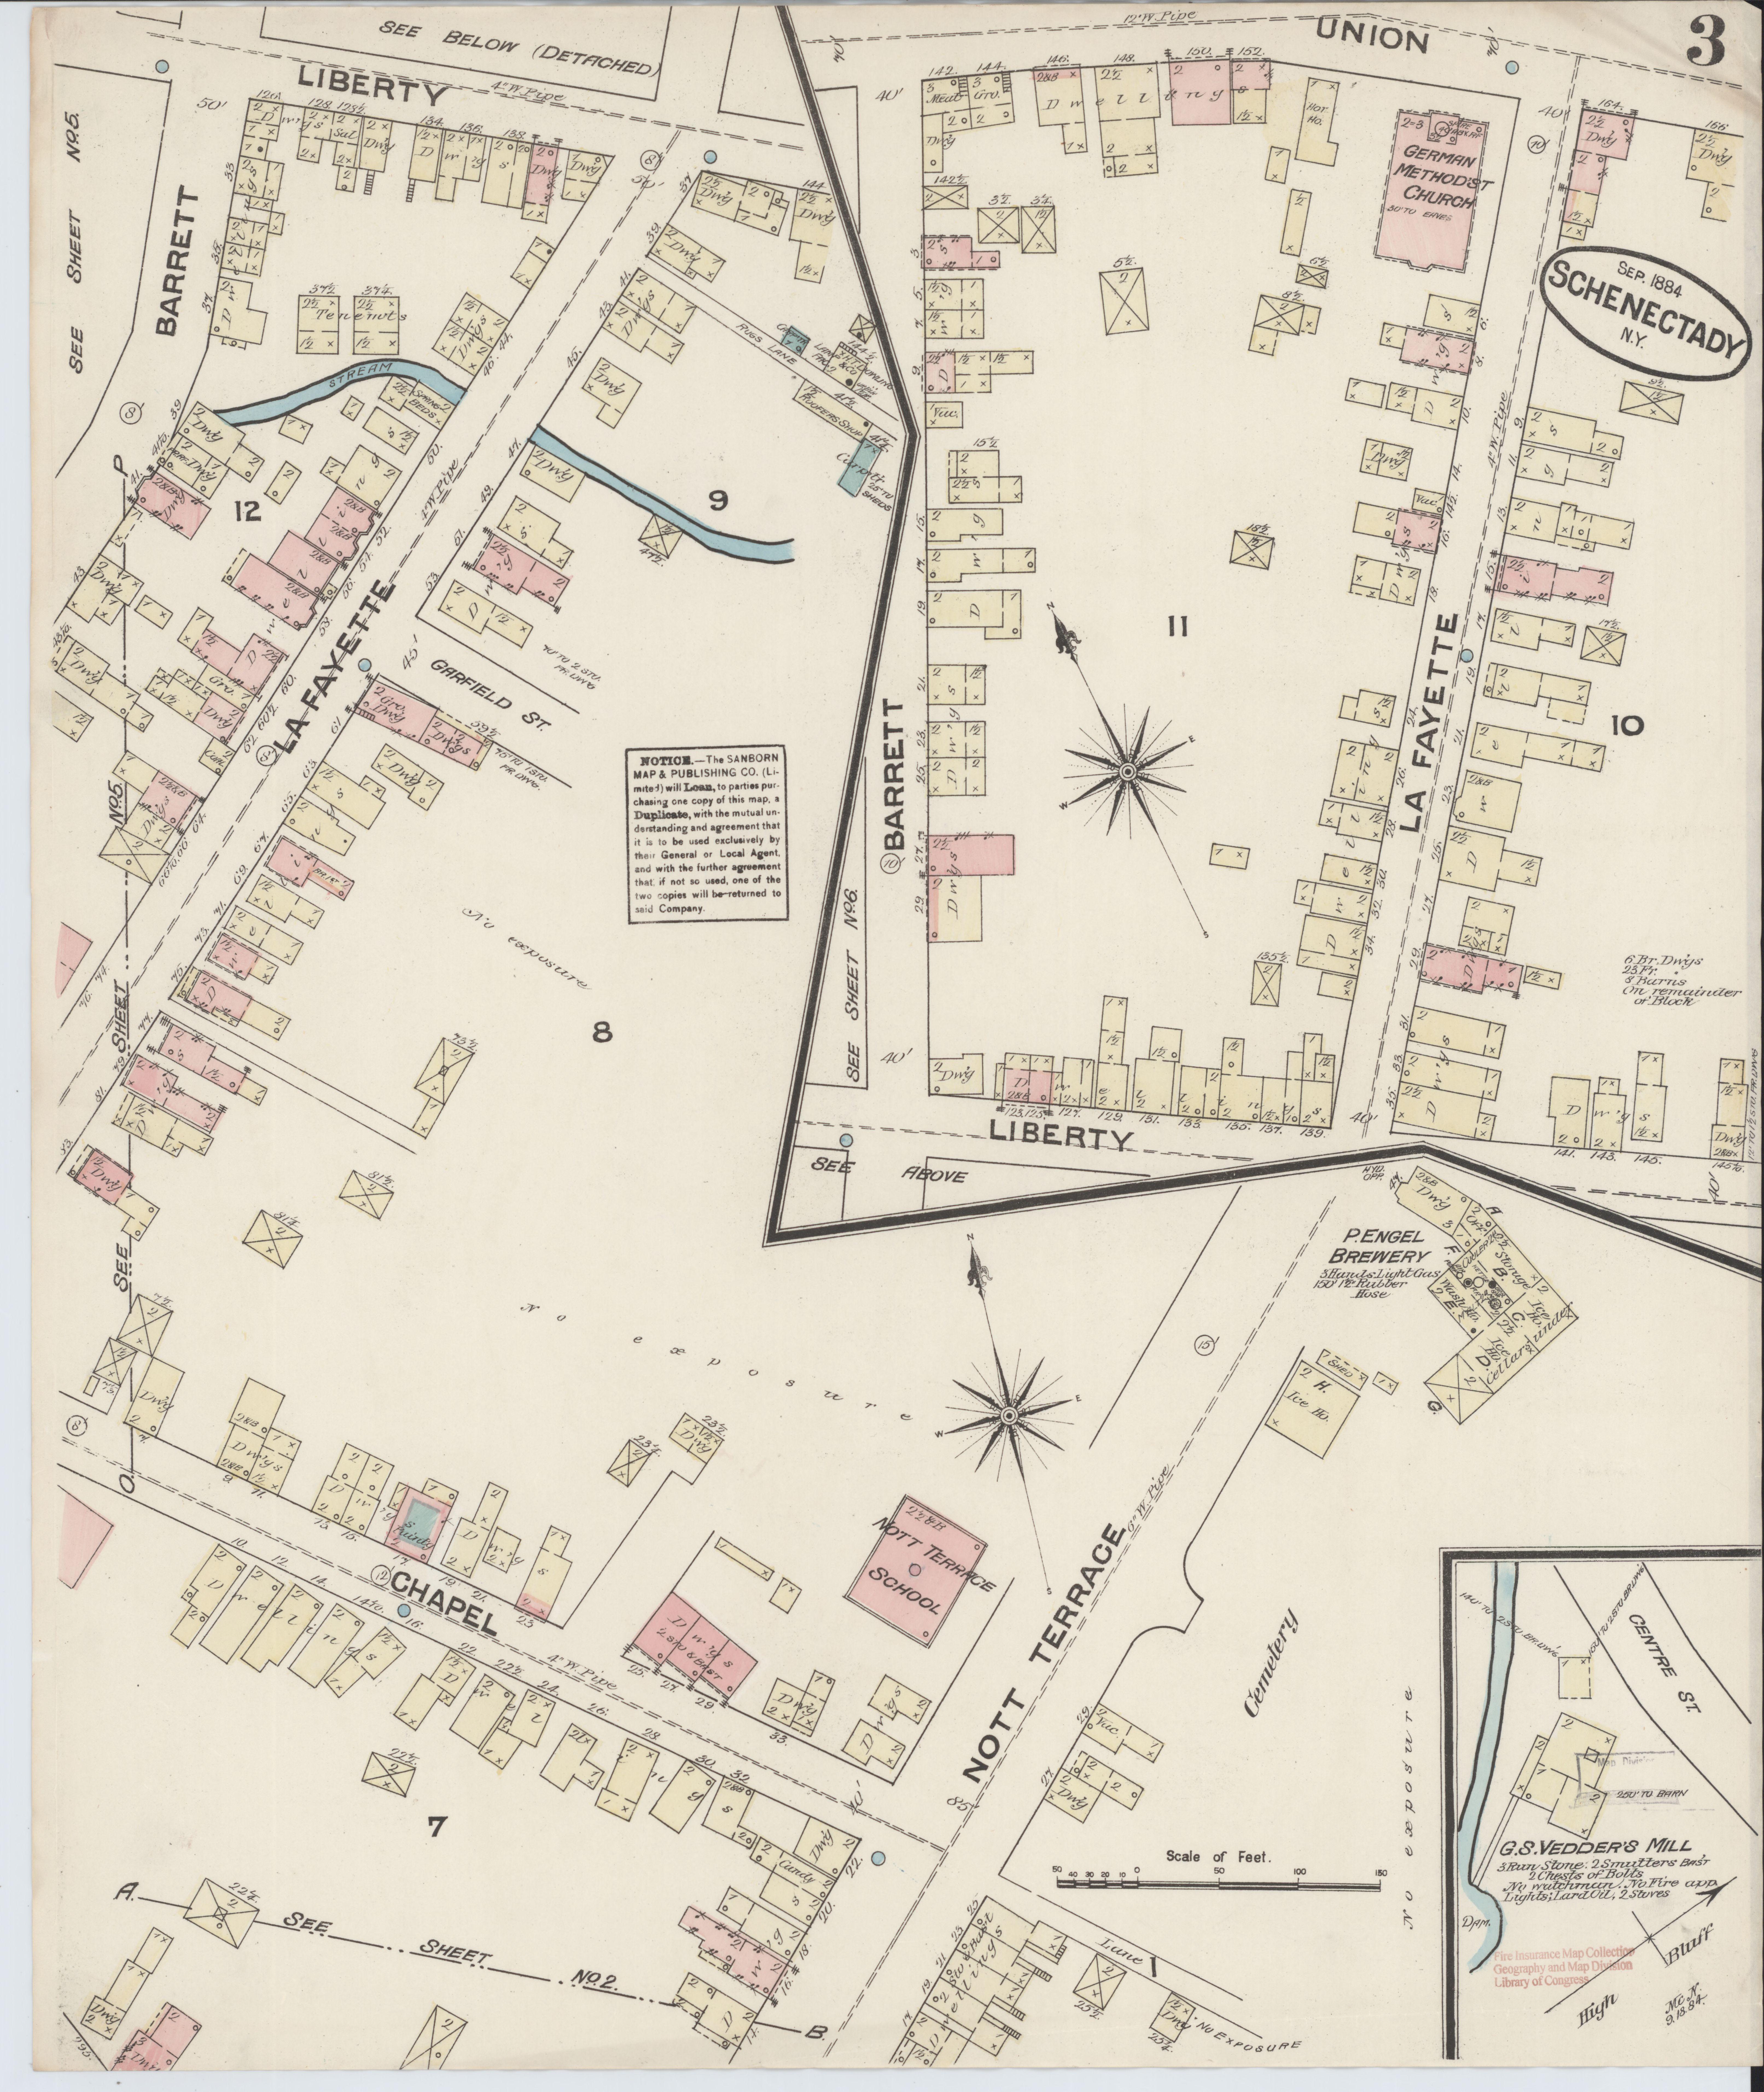 Schenectady New York Map.File Sanborn Fire Insurance Map From Schenectady Schenectady County